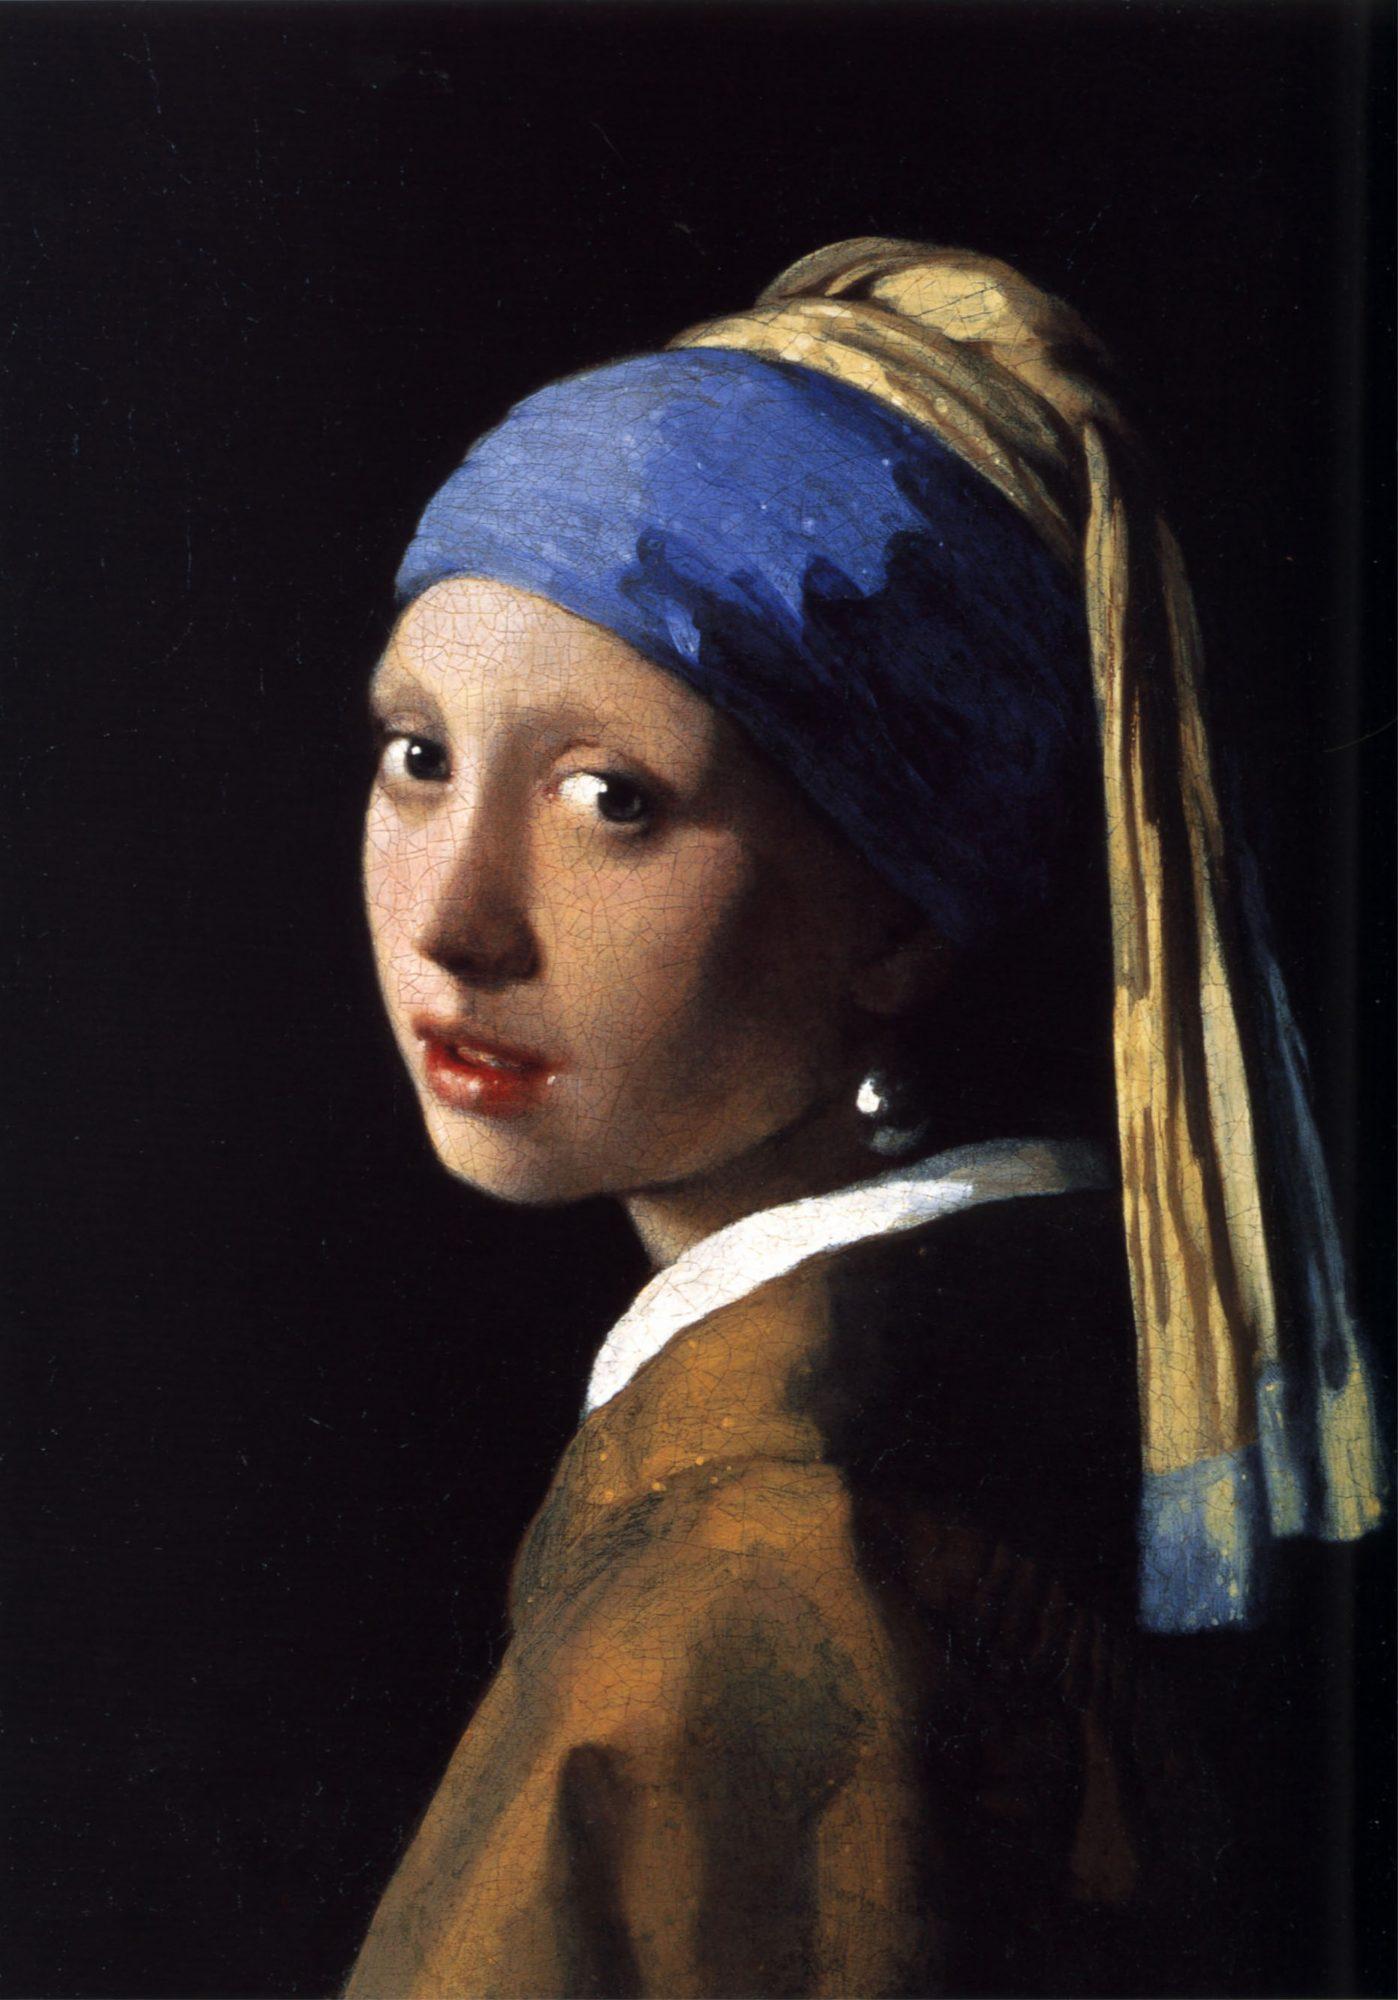 famous-paintings-halloween-girl-pearl-earring.jpg